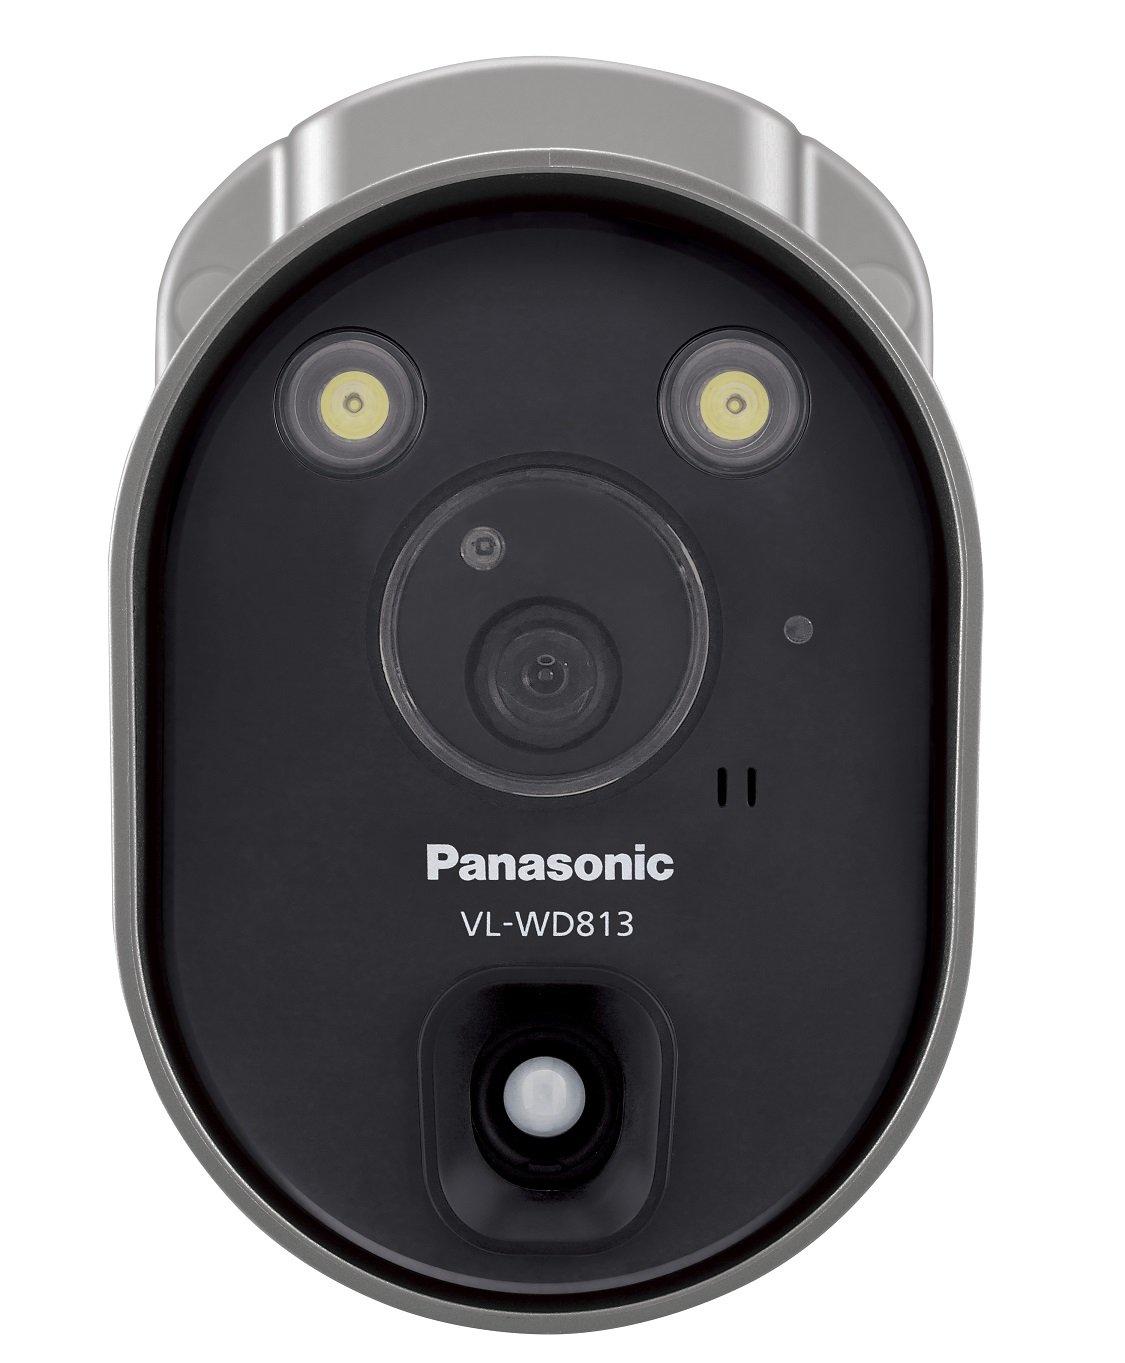 パナソニック(Panasonic) センサーライト付屋外ワイヤレスカメラ 電源コード式 VL-WD813K B01M704DOD